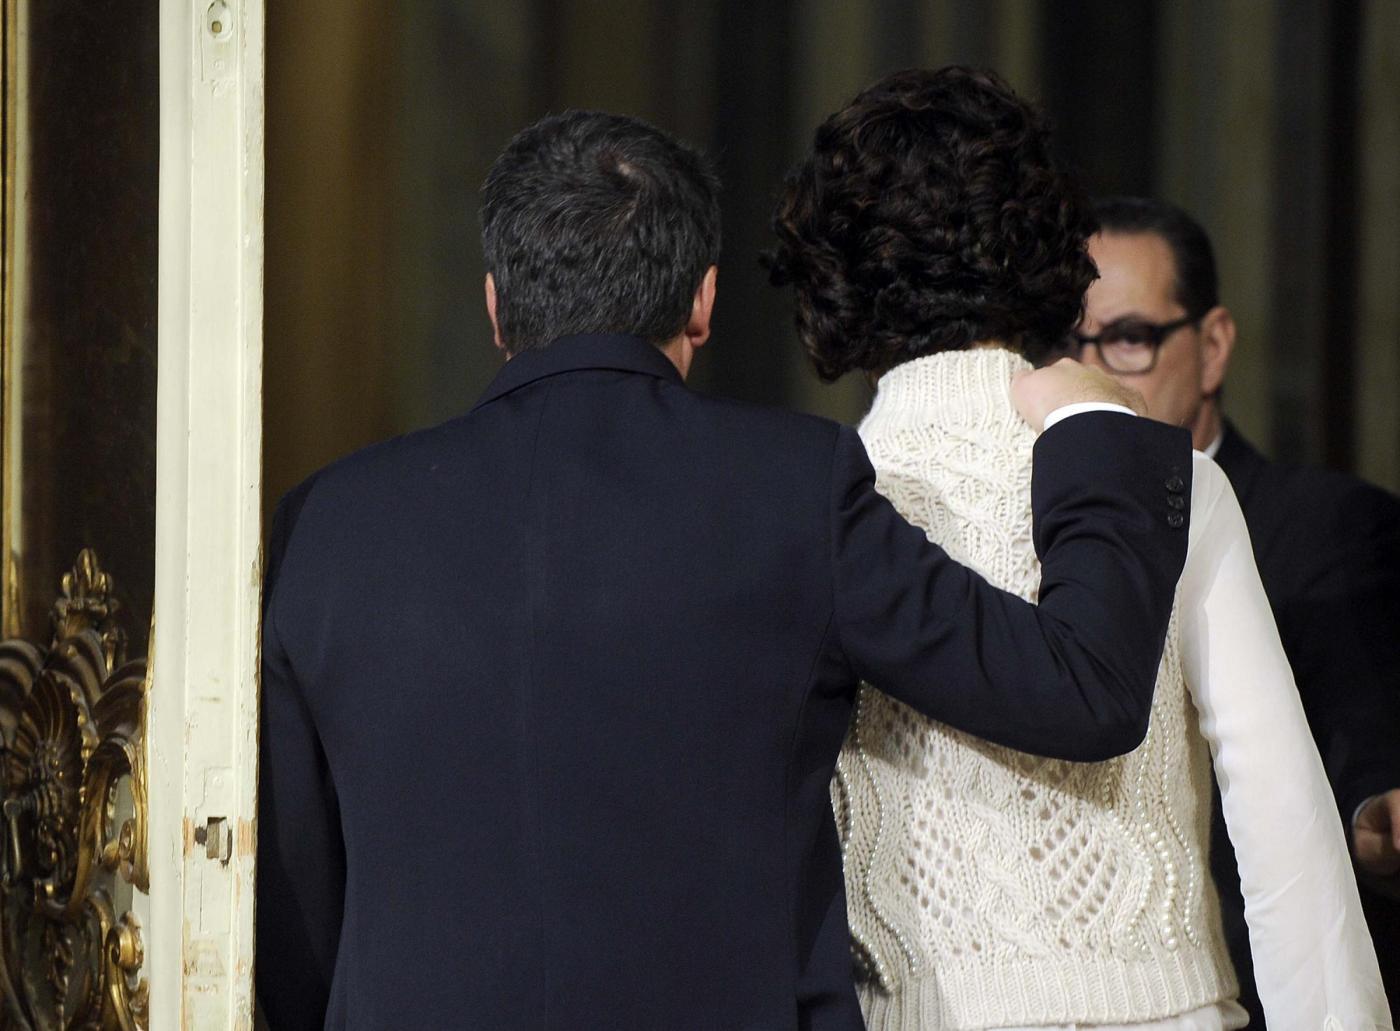 Le dimissioni di Matteo Renzi sui giornali stranieri dopo la vittoria del NO al Referendum Costituzionale